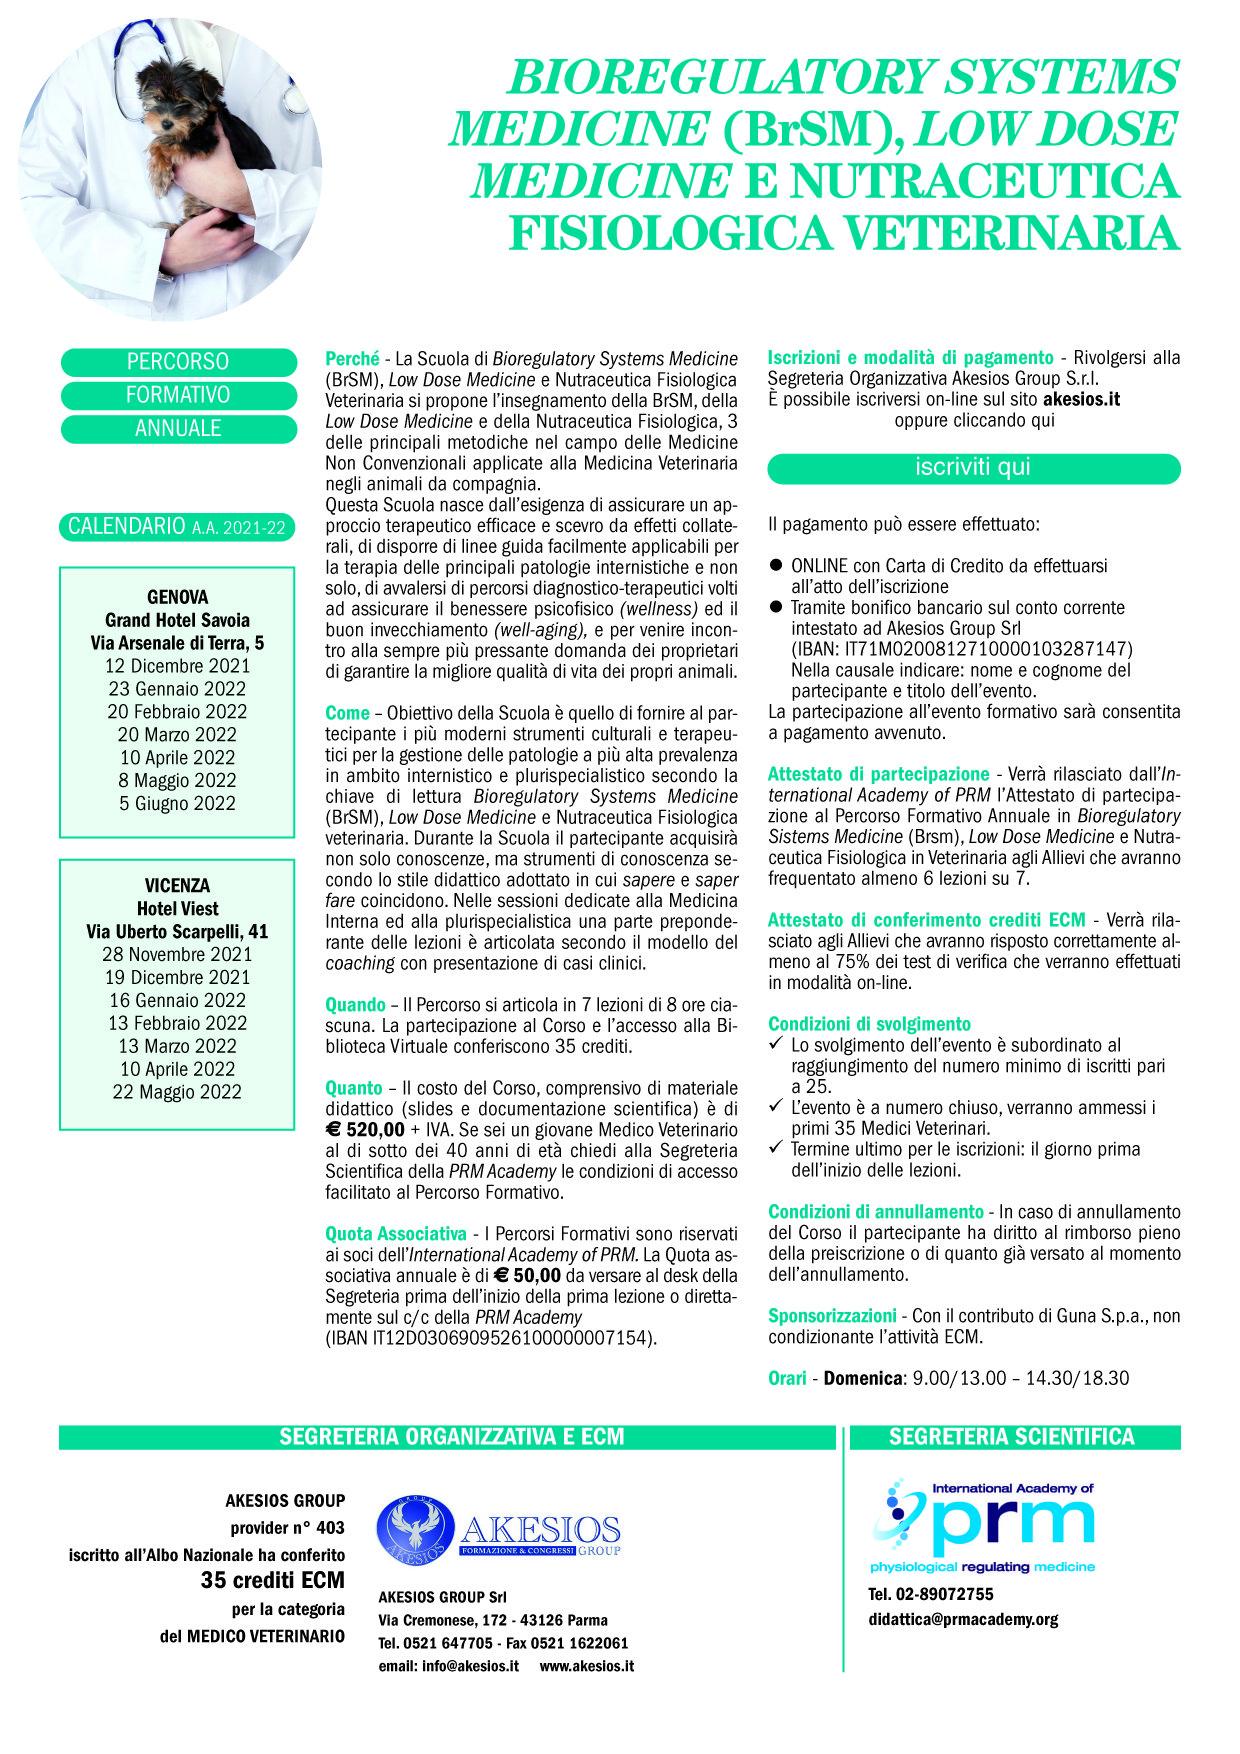 PERCORSO FORMATIVO ANNUALE IN BrSM, LDM E NUTRACEUTICA FISIOLOGICA VETERINARIA